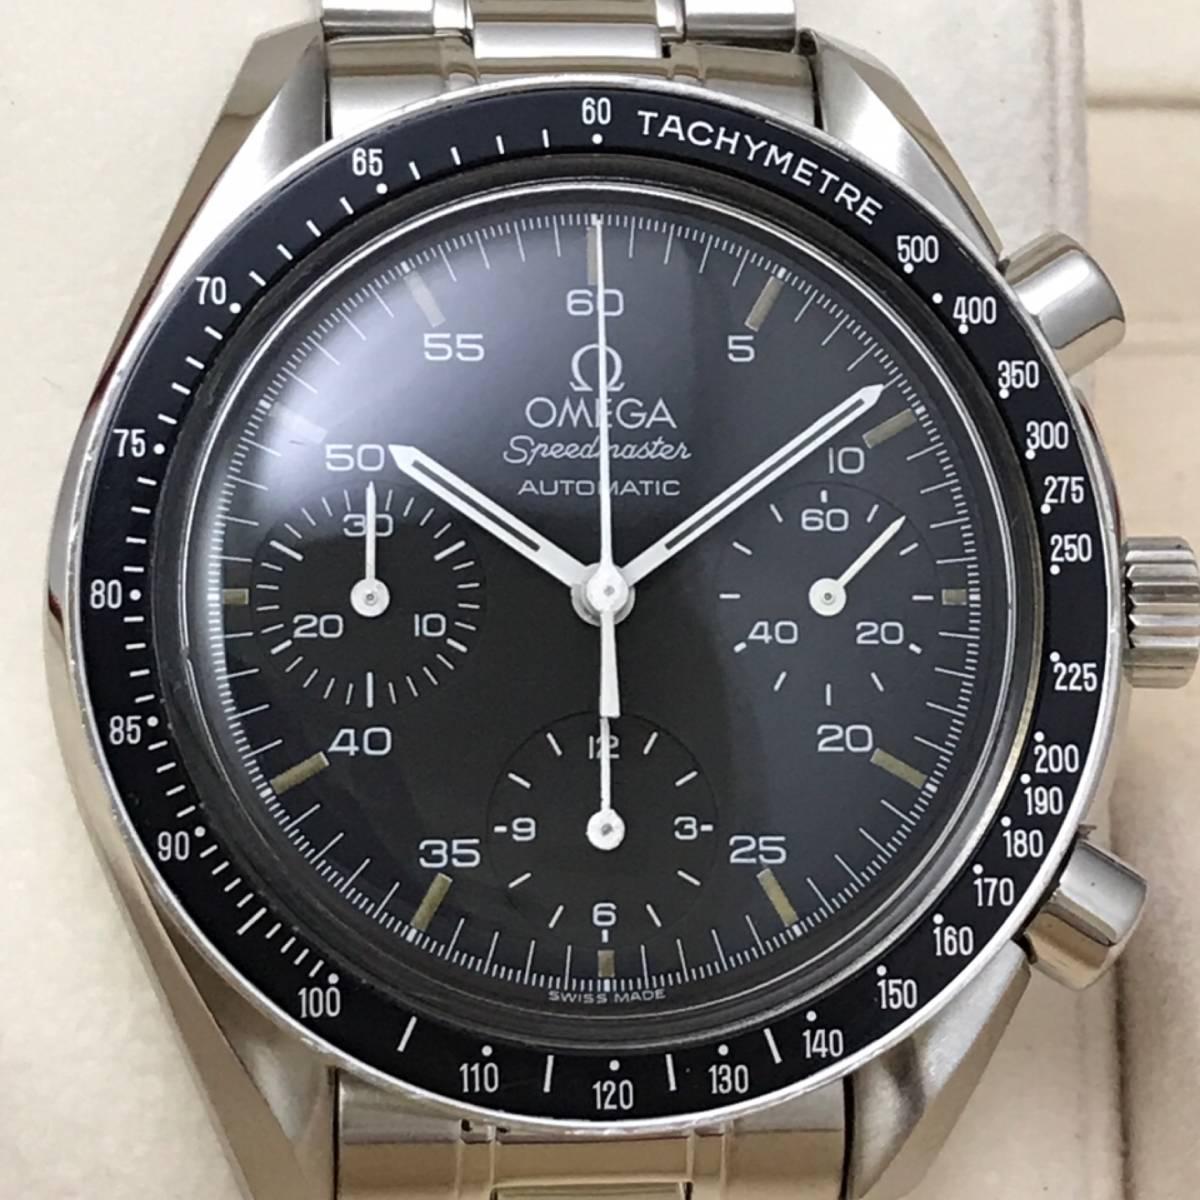 付属品、ベルト2種付き☆OH済み極美品のオメガスピードマスター時計☆自動巻き3510-50☆